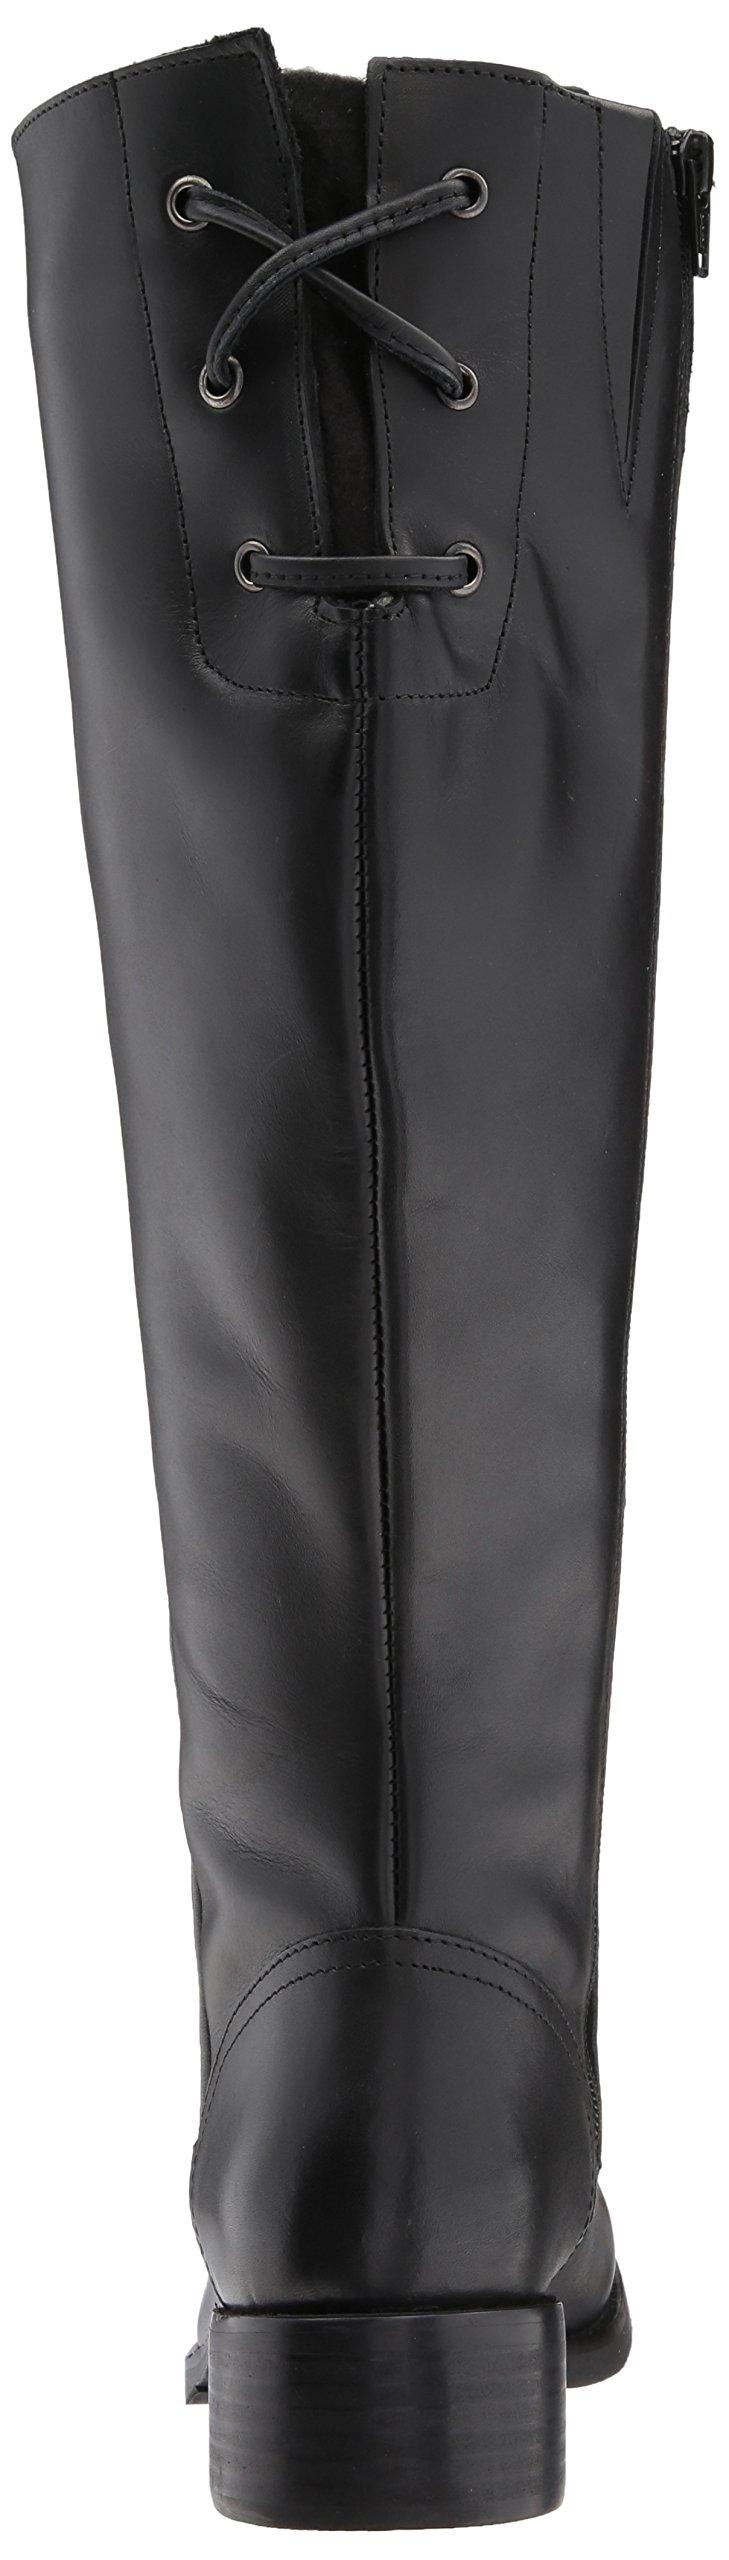 Steve Madden Women's Lover Western Boot, Black Leather, 8.5 M US by Steve Madden (Image #2)